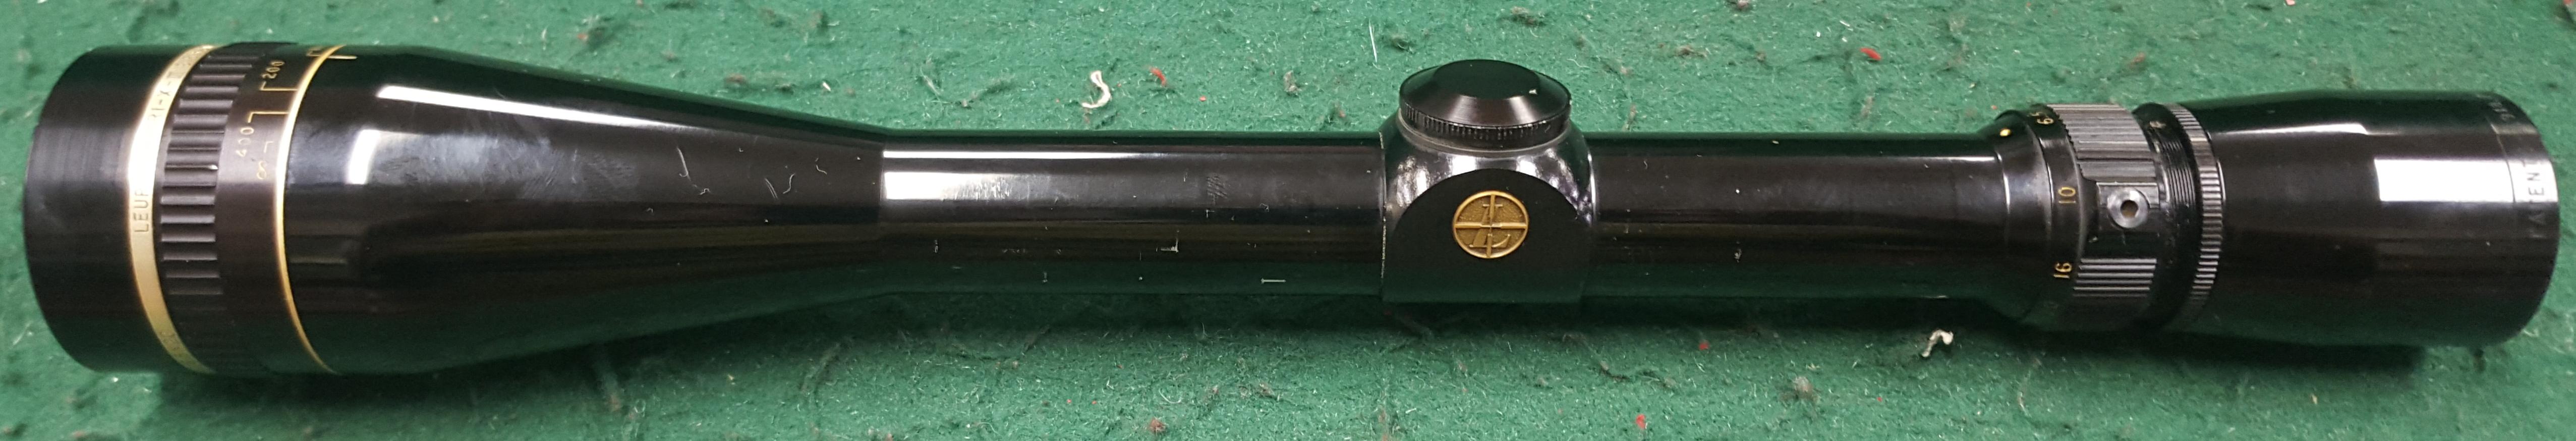 LEUPOLD vari-xiii 6.5x20 SCOPE